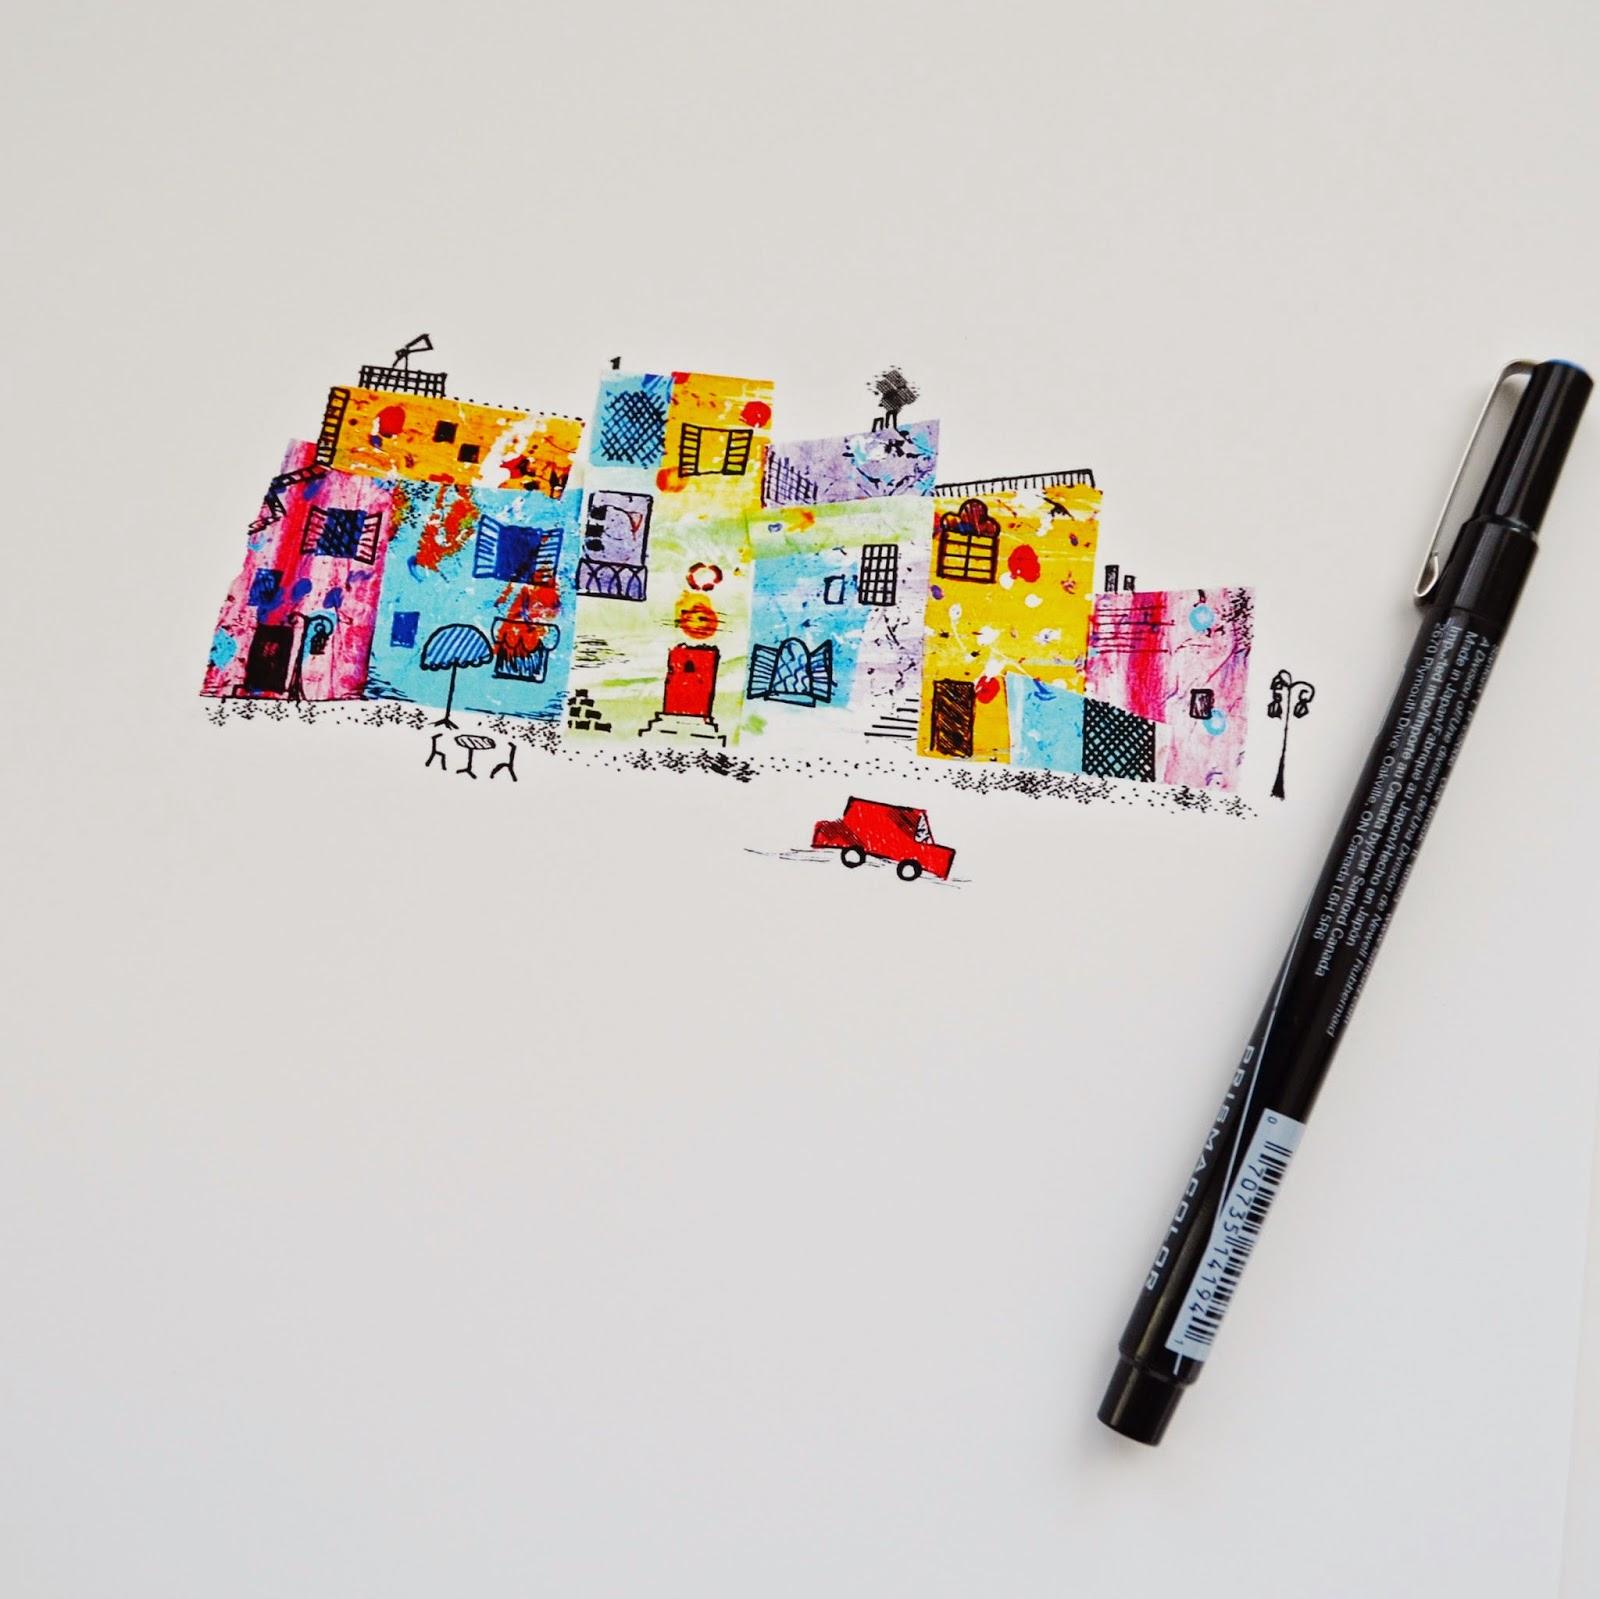 http://www.snugglebuguniversity.com/2014/09/an-eric-carle-inspired-art-day.html